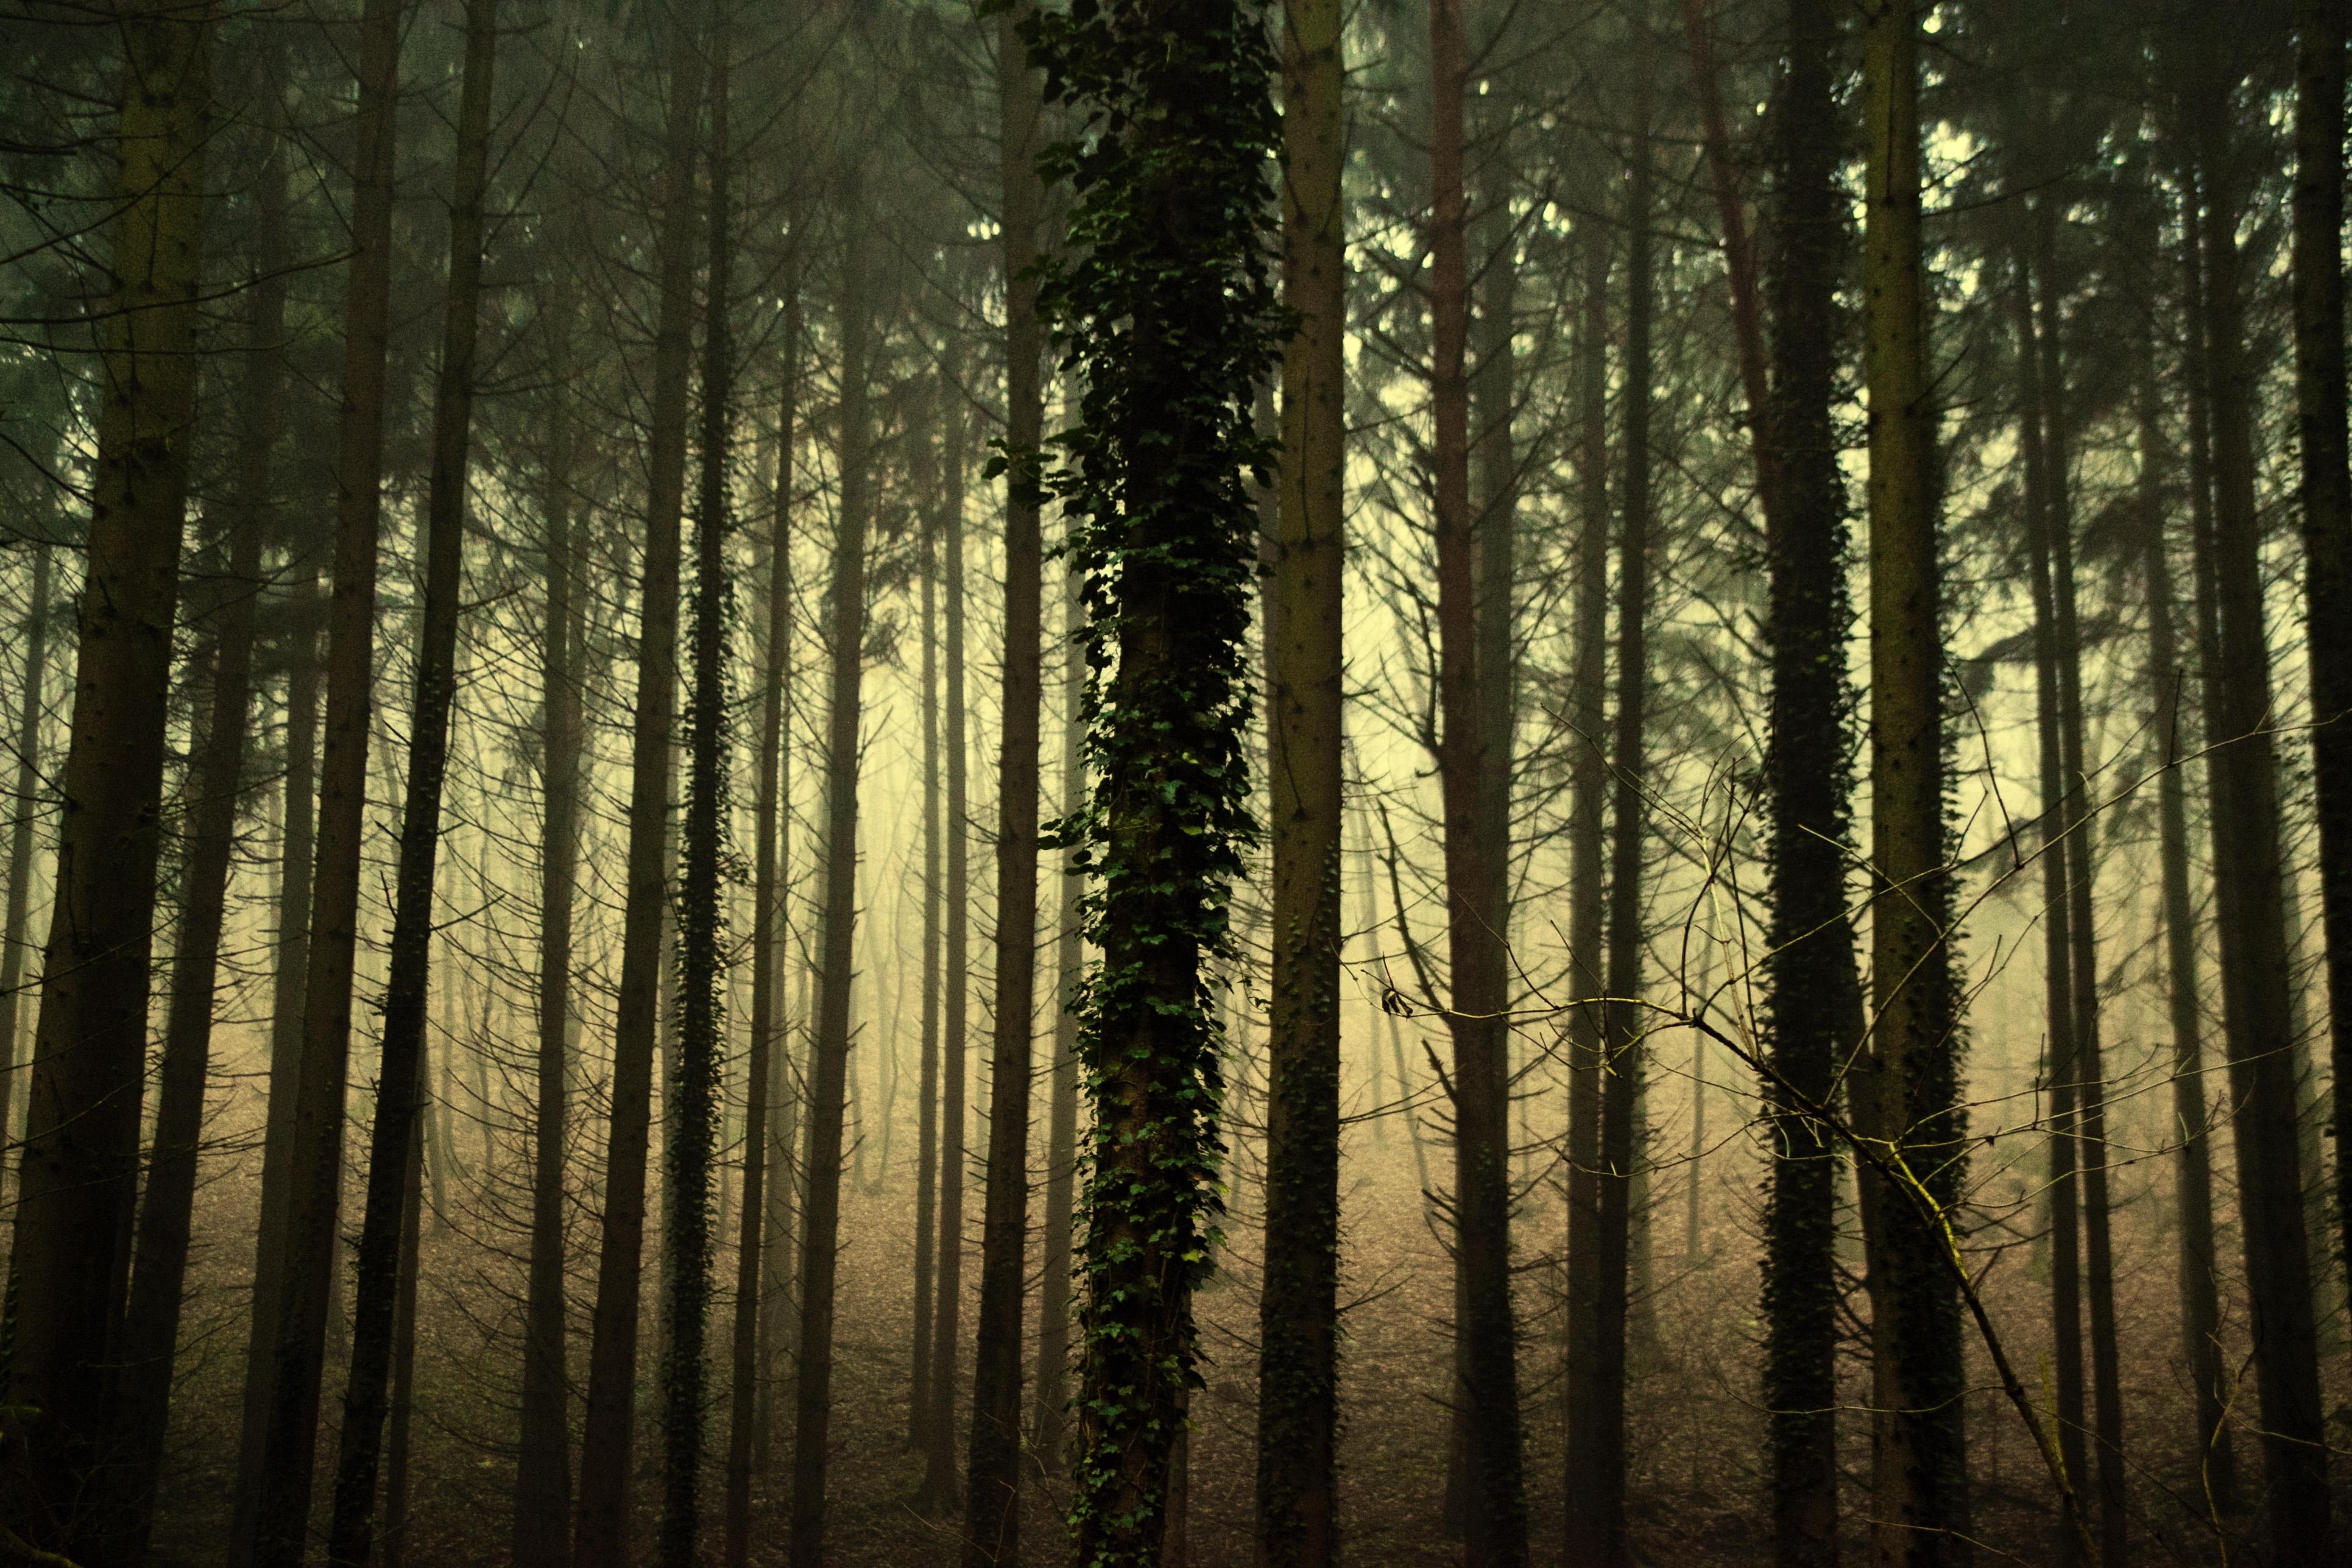 Bäume im Gegenlicht abb50